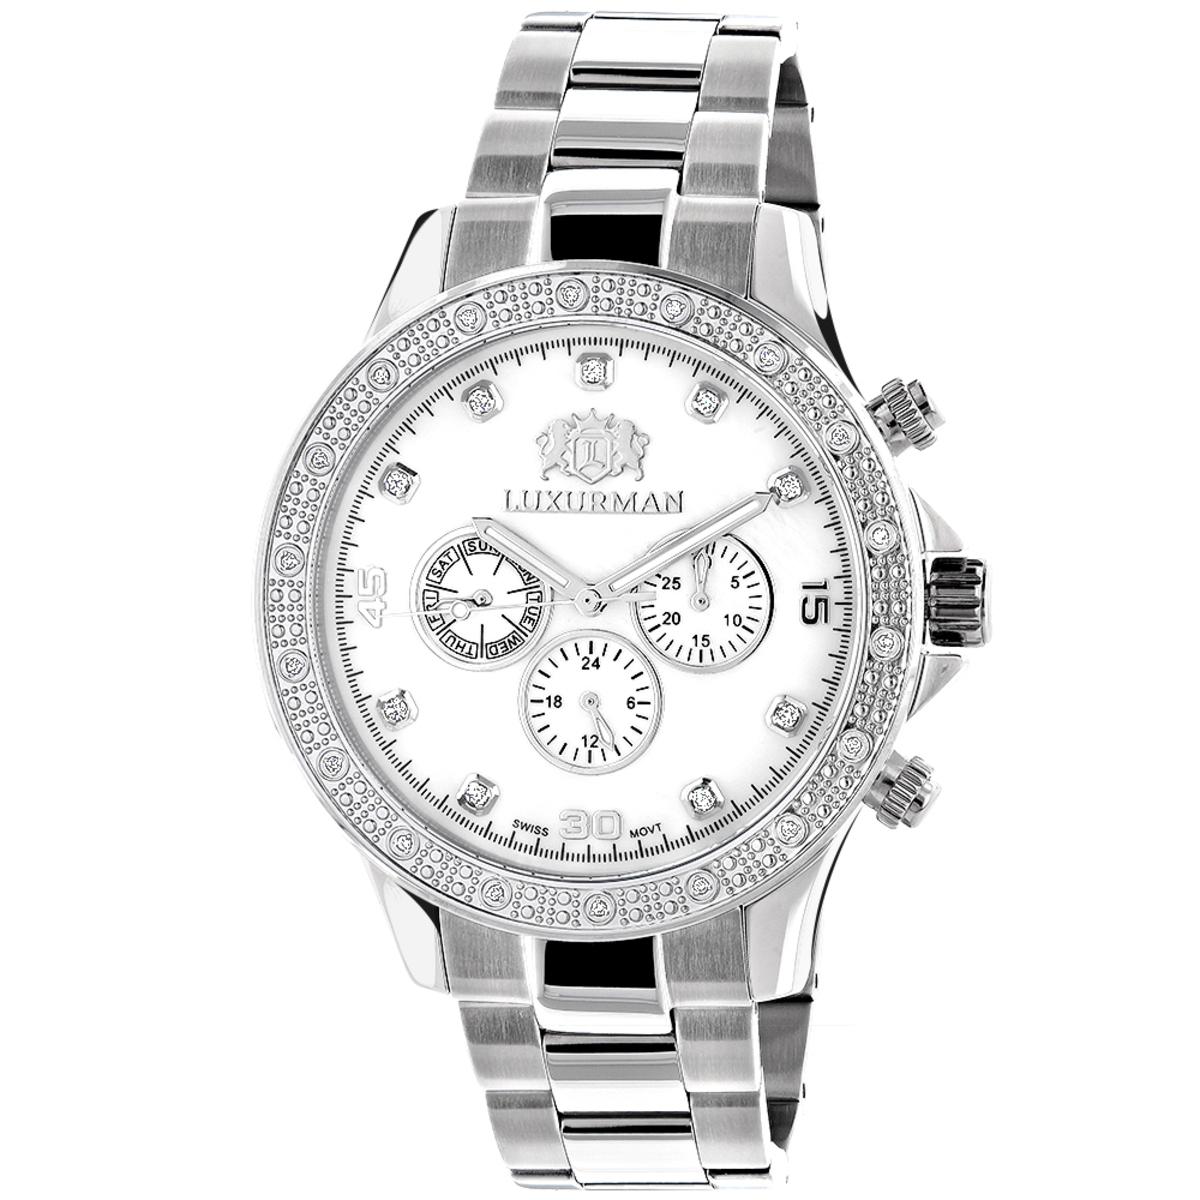 Luxurman Liberty Mens Diamond Watch 0.2ct White Gold Plated MOP Swiss Mvt